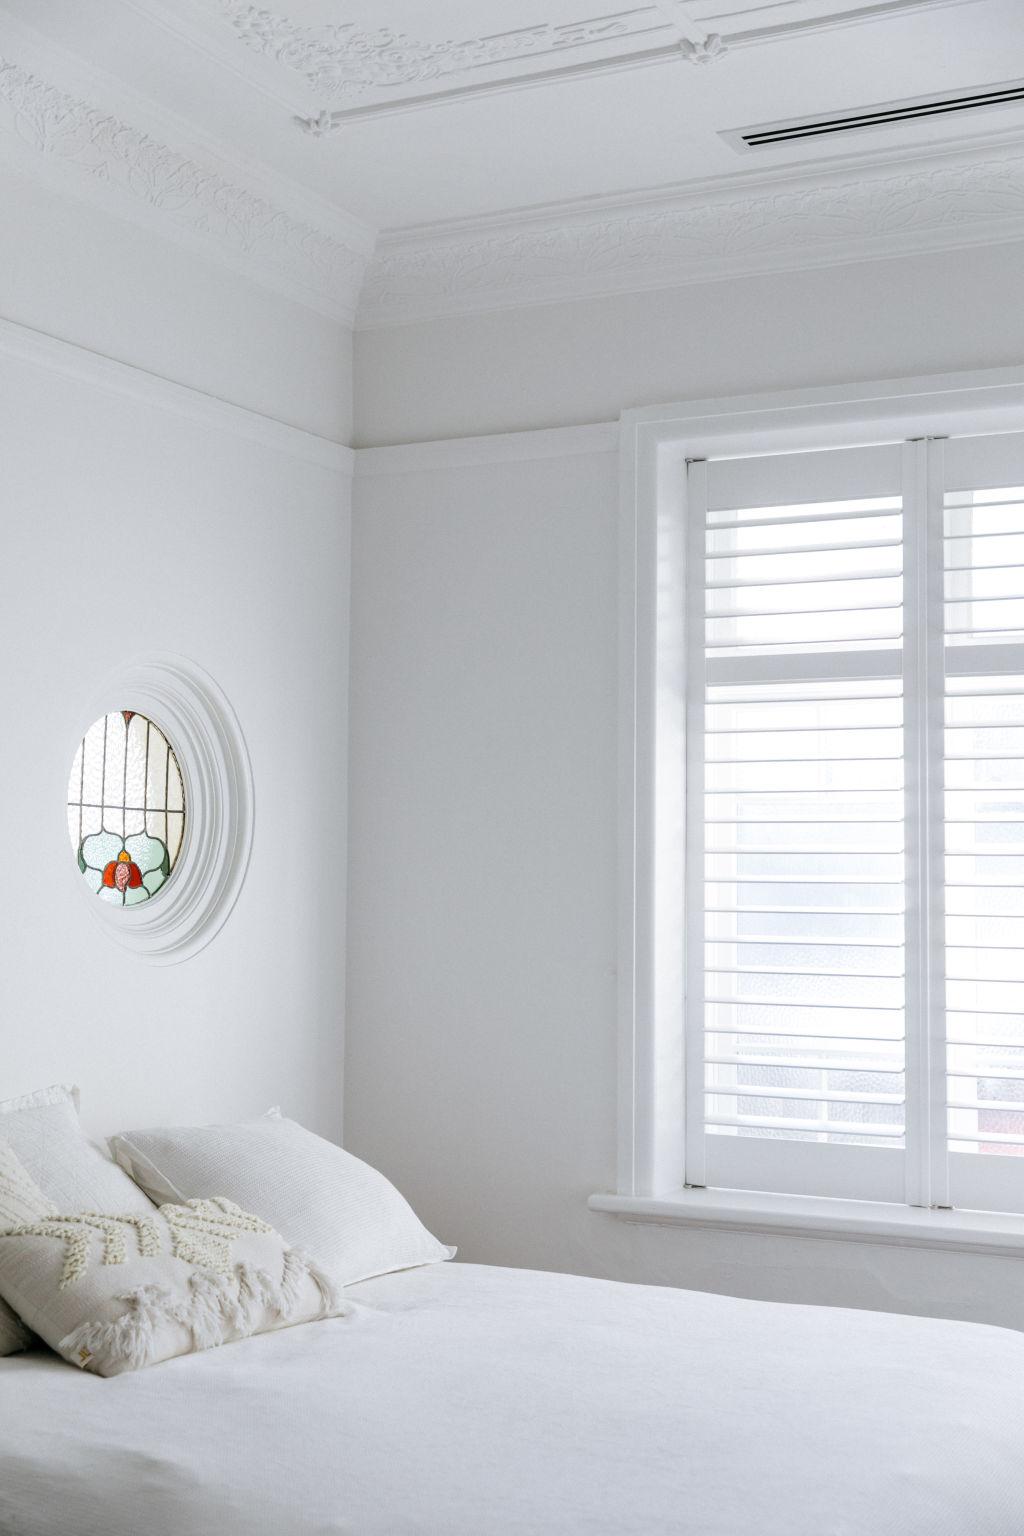 KirstenKing-HouseInteriors-HiRes-20_eovt4v